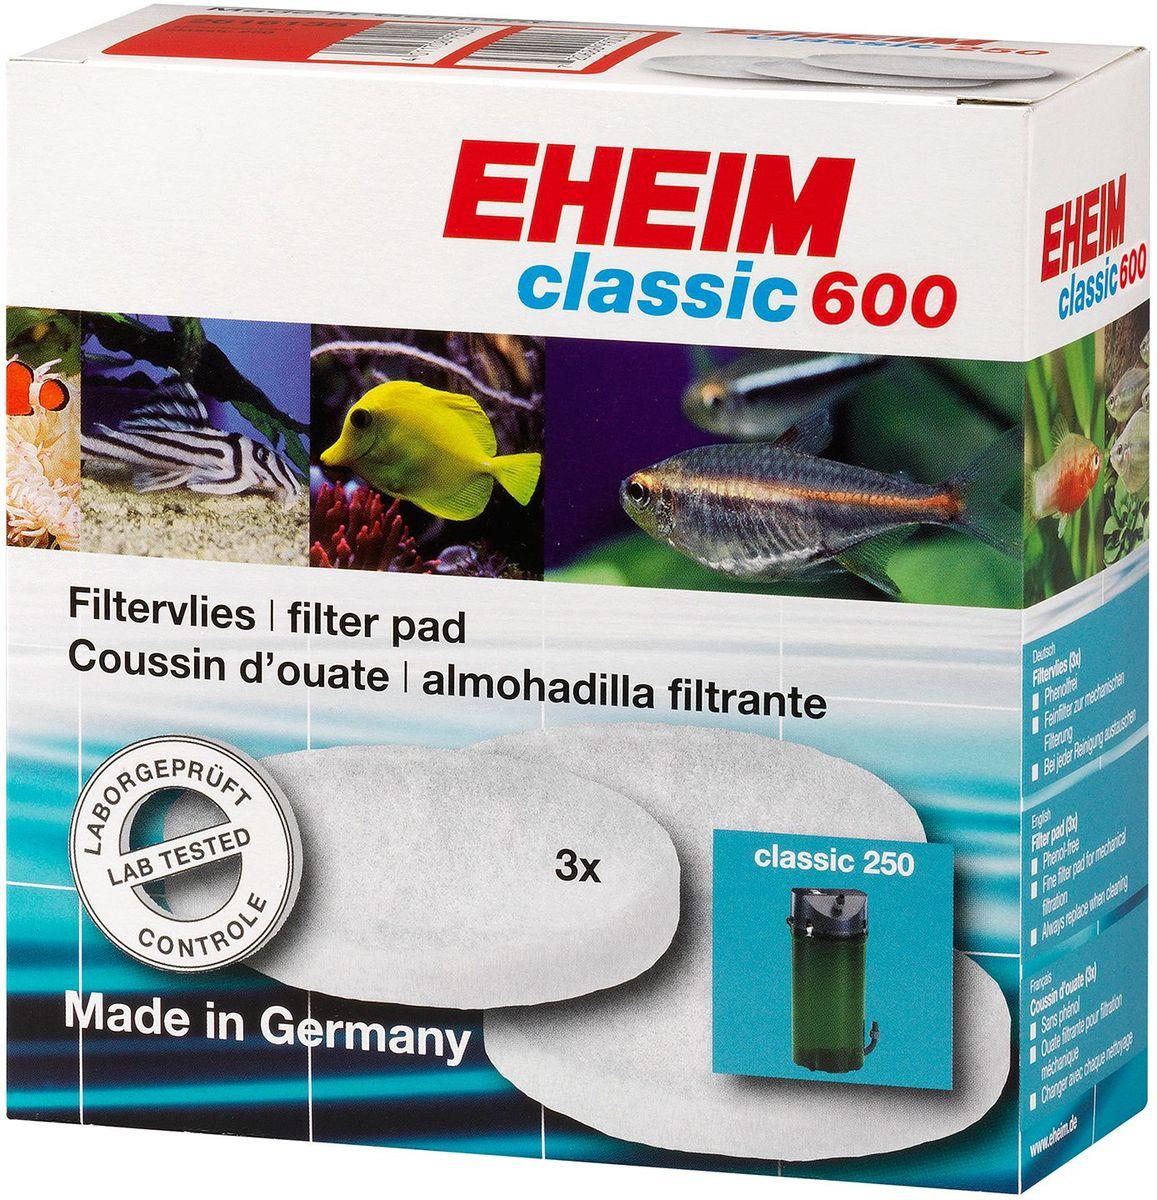 Наполнитель для фильтра Eheim Classic 600, синтепон, 3 шт0120710Мелкопористая губка для фильтров Eheim Classic 600 предназначена для завершающей стадии очистки воды.